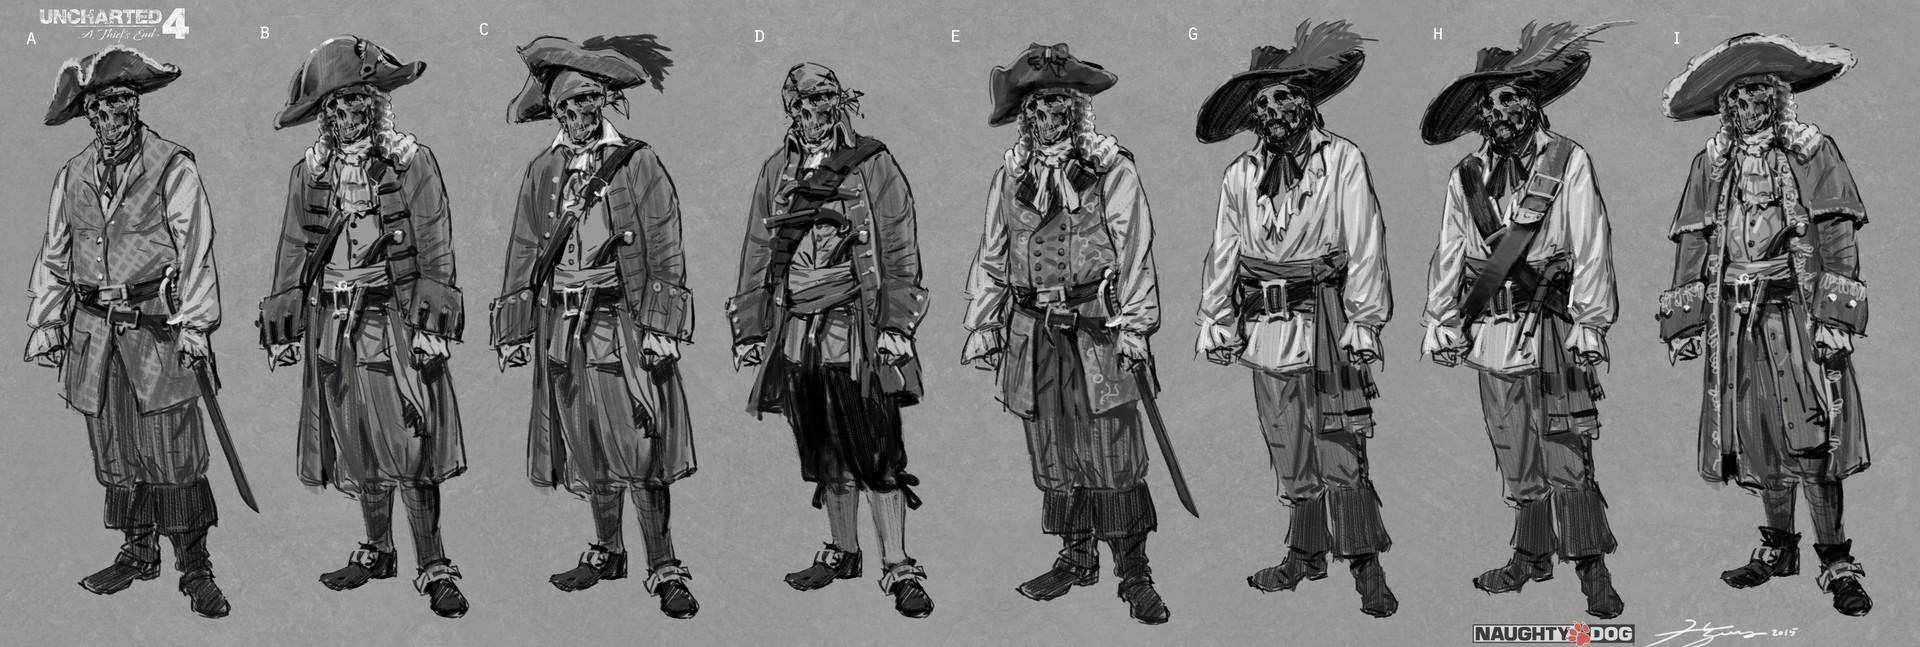 Hyoung nam pirate sk hn 01p